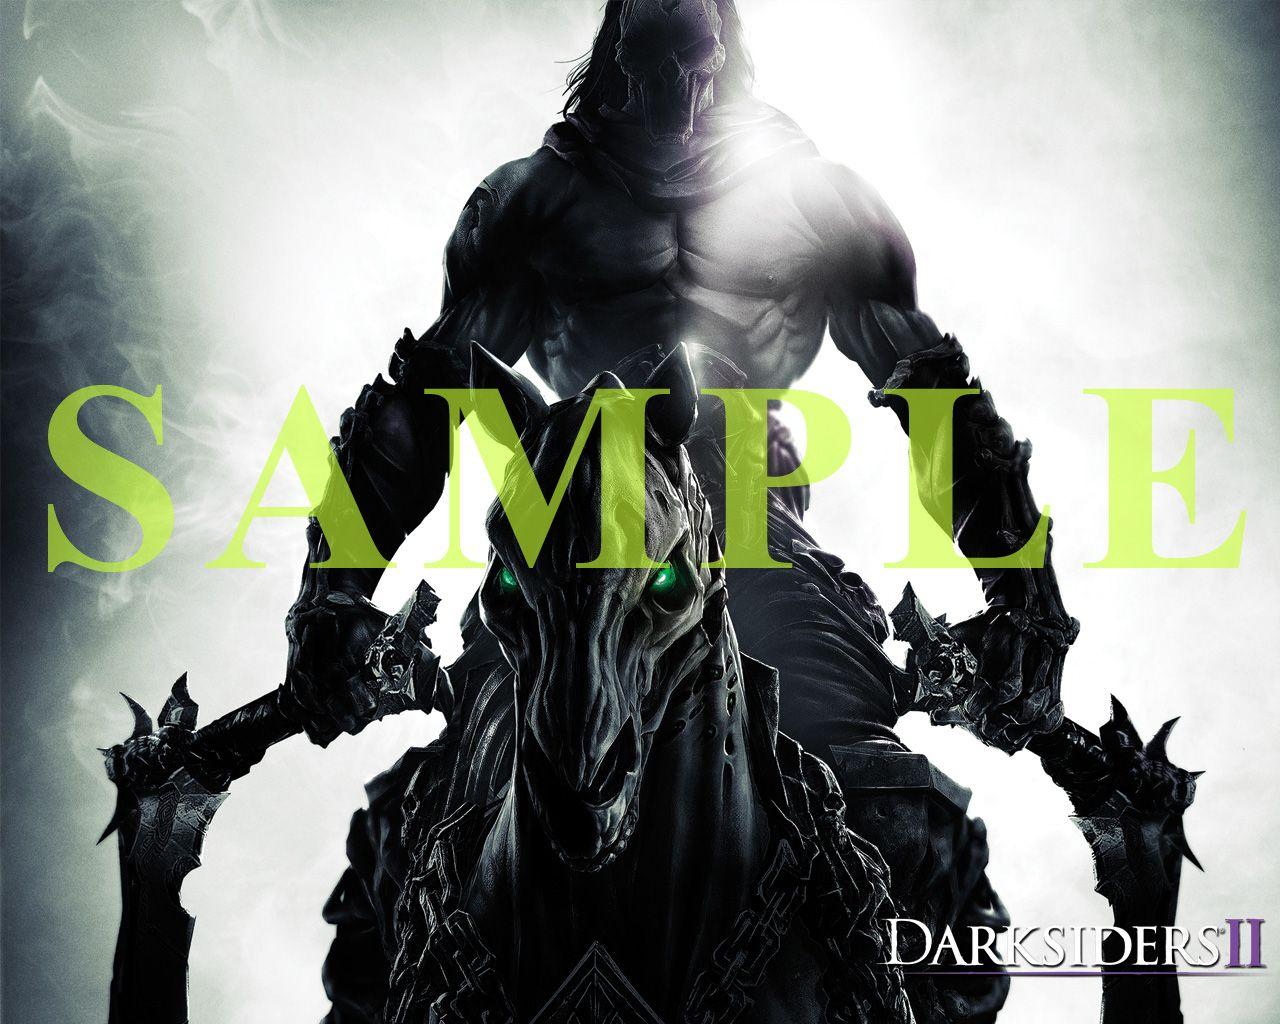 画像集 002 明日発売 Darksiders Ii 死の騎士 デス の壁紙5種が